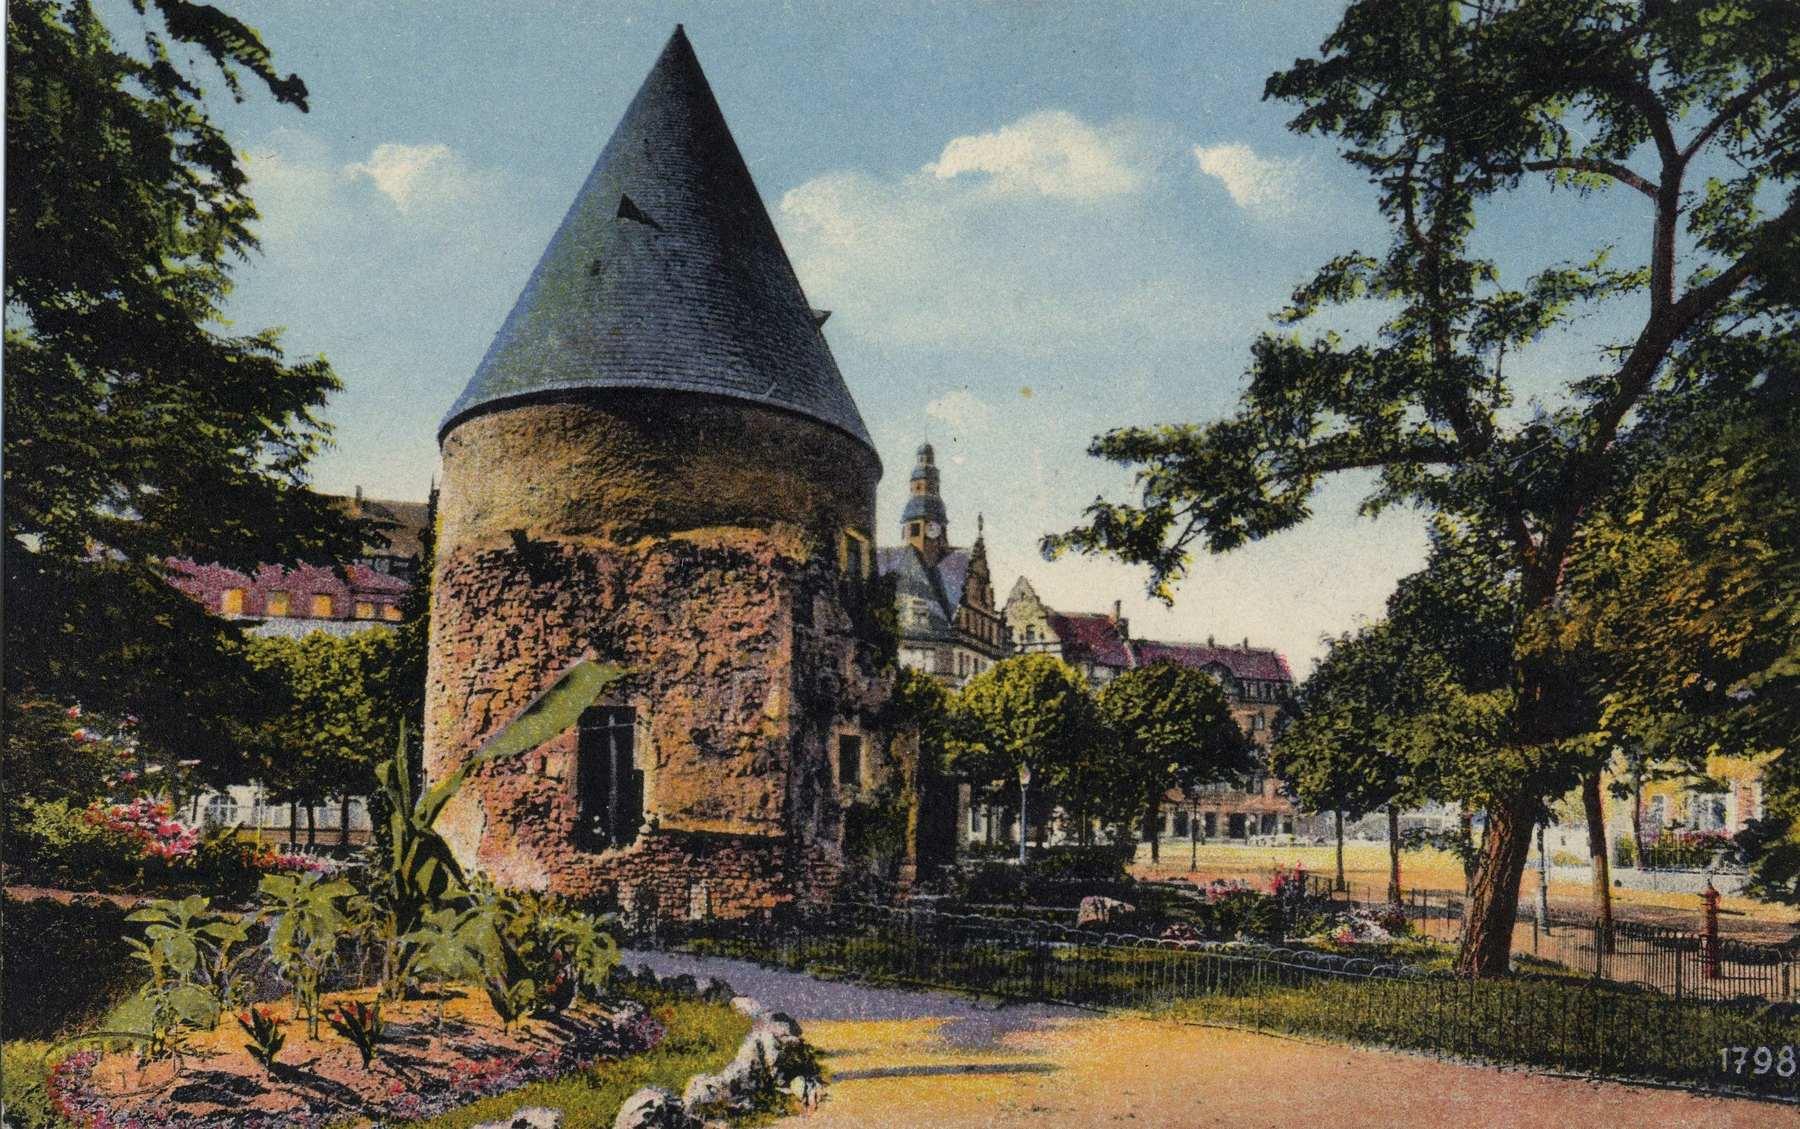 Contenu du La tour Camoufle à Metz